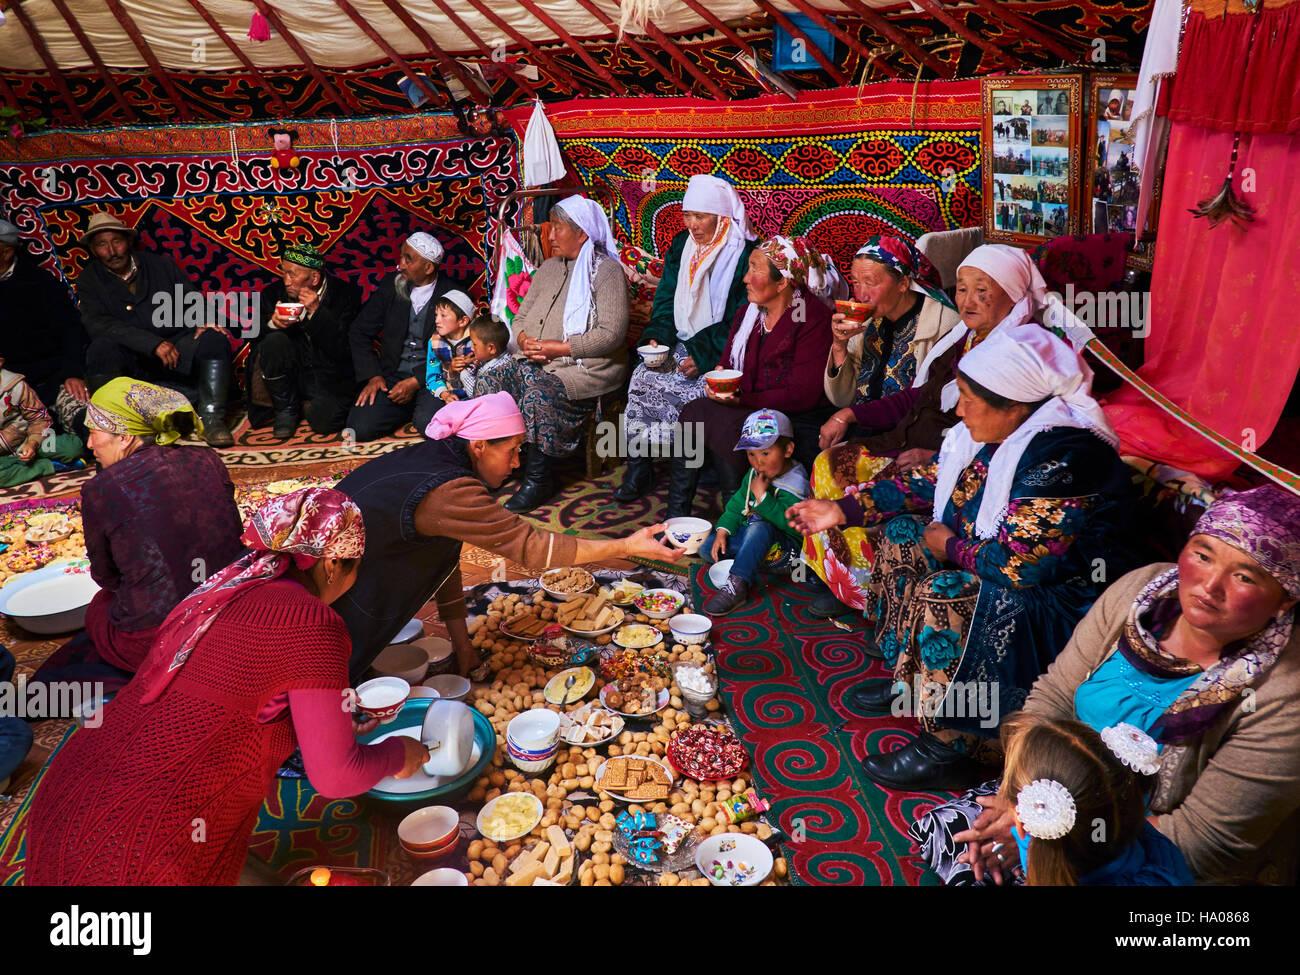 Mongolei, Bayan-Ulgii Provinz, westlichen Mongolei, Nomadencamp der kasachischen Menschen in der Steppe, Festival Stockfoto